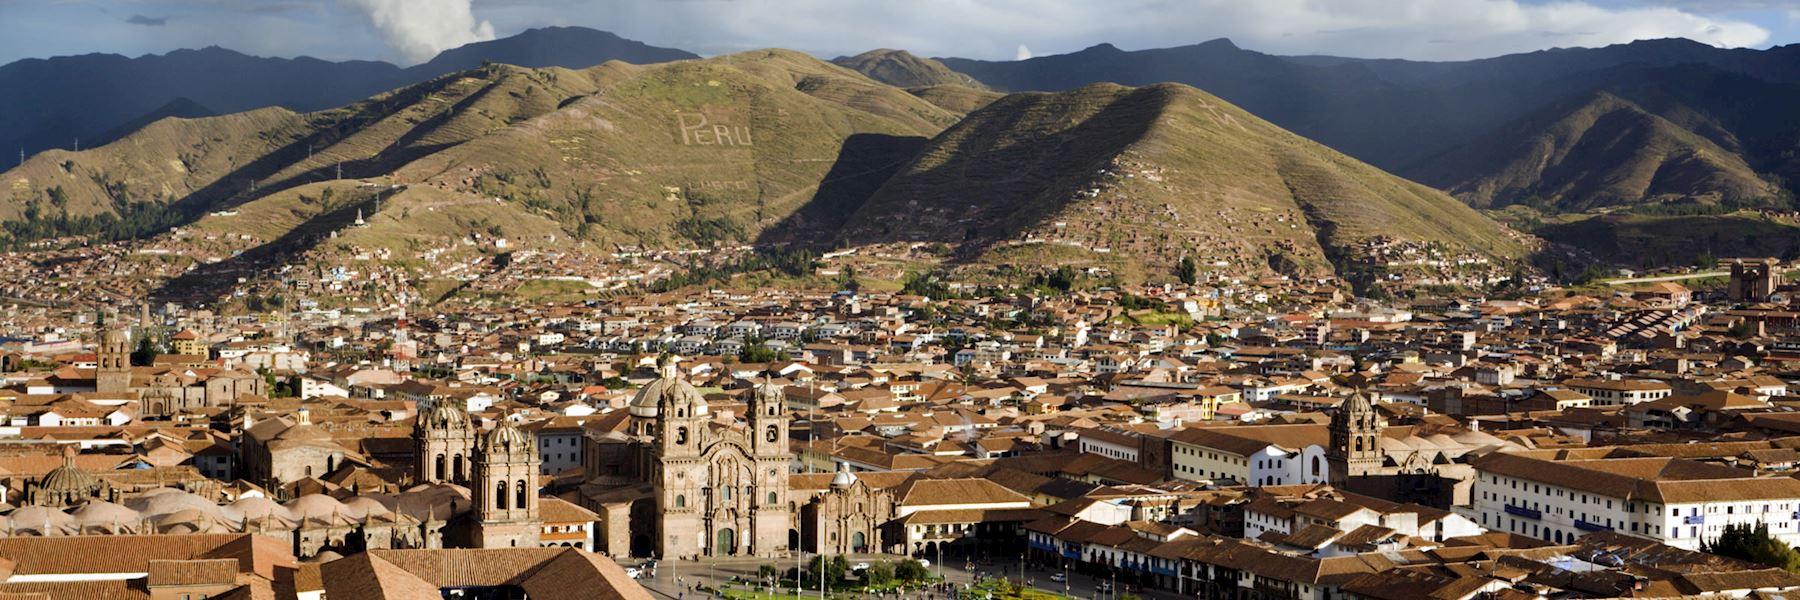 Visit Cuzco, Peru